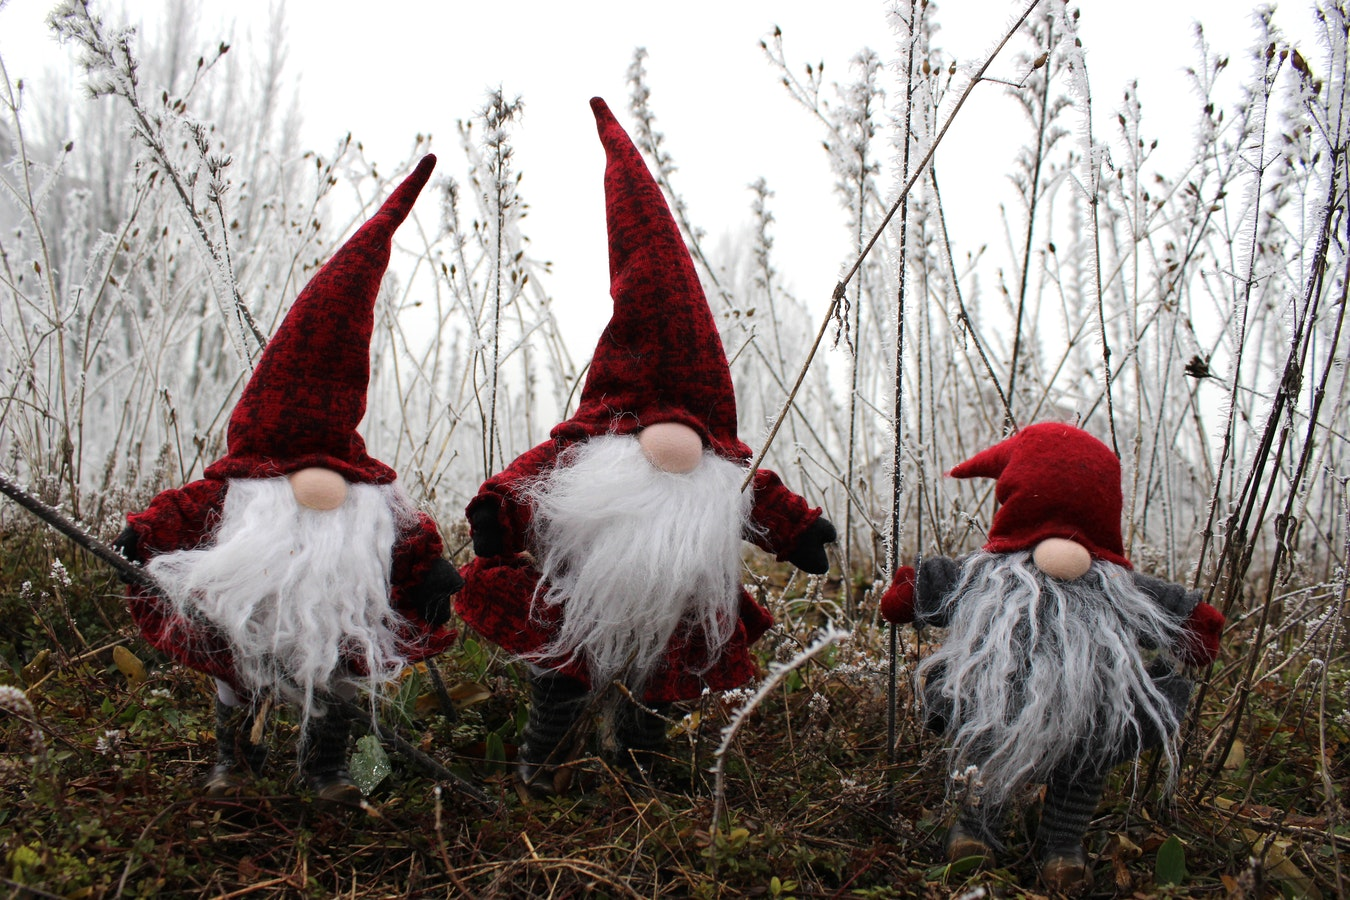 Crăciun cu cărţi în ţara elfilor